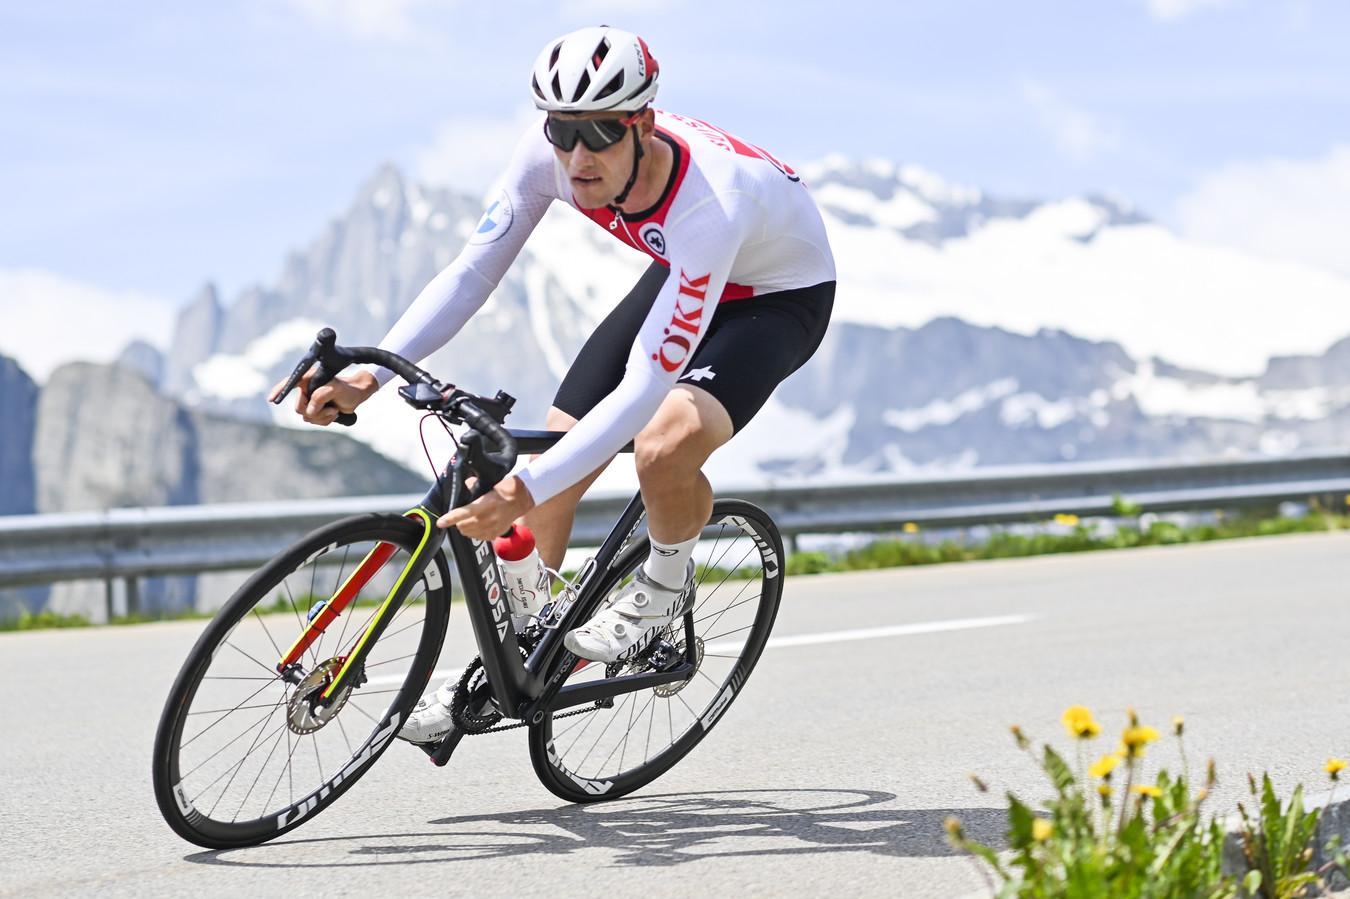 Een renner van de Zwitserse selectie in actie tijdens de klimtijdrit.